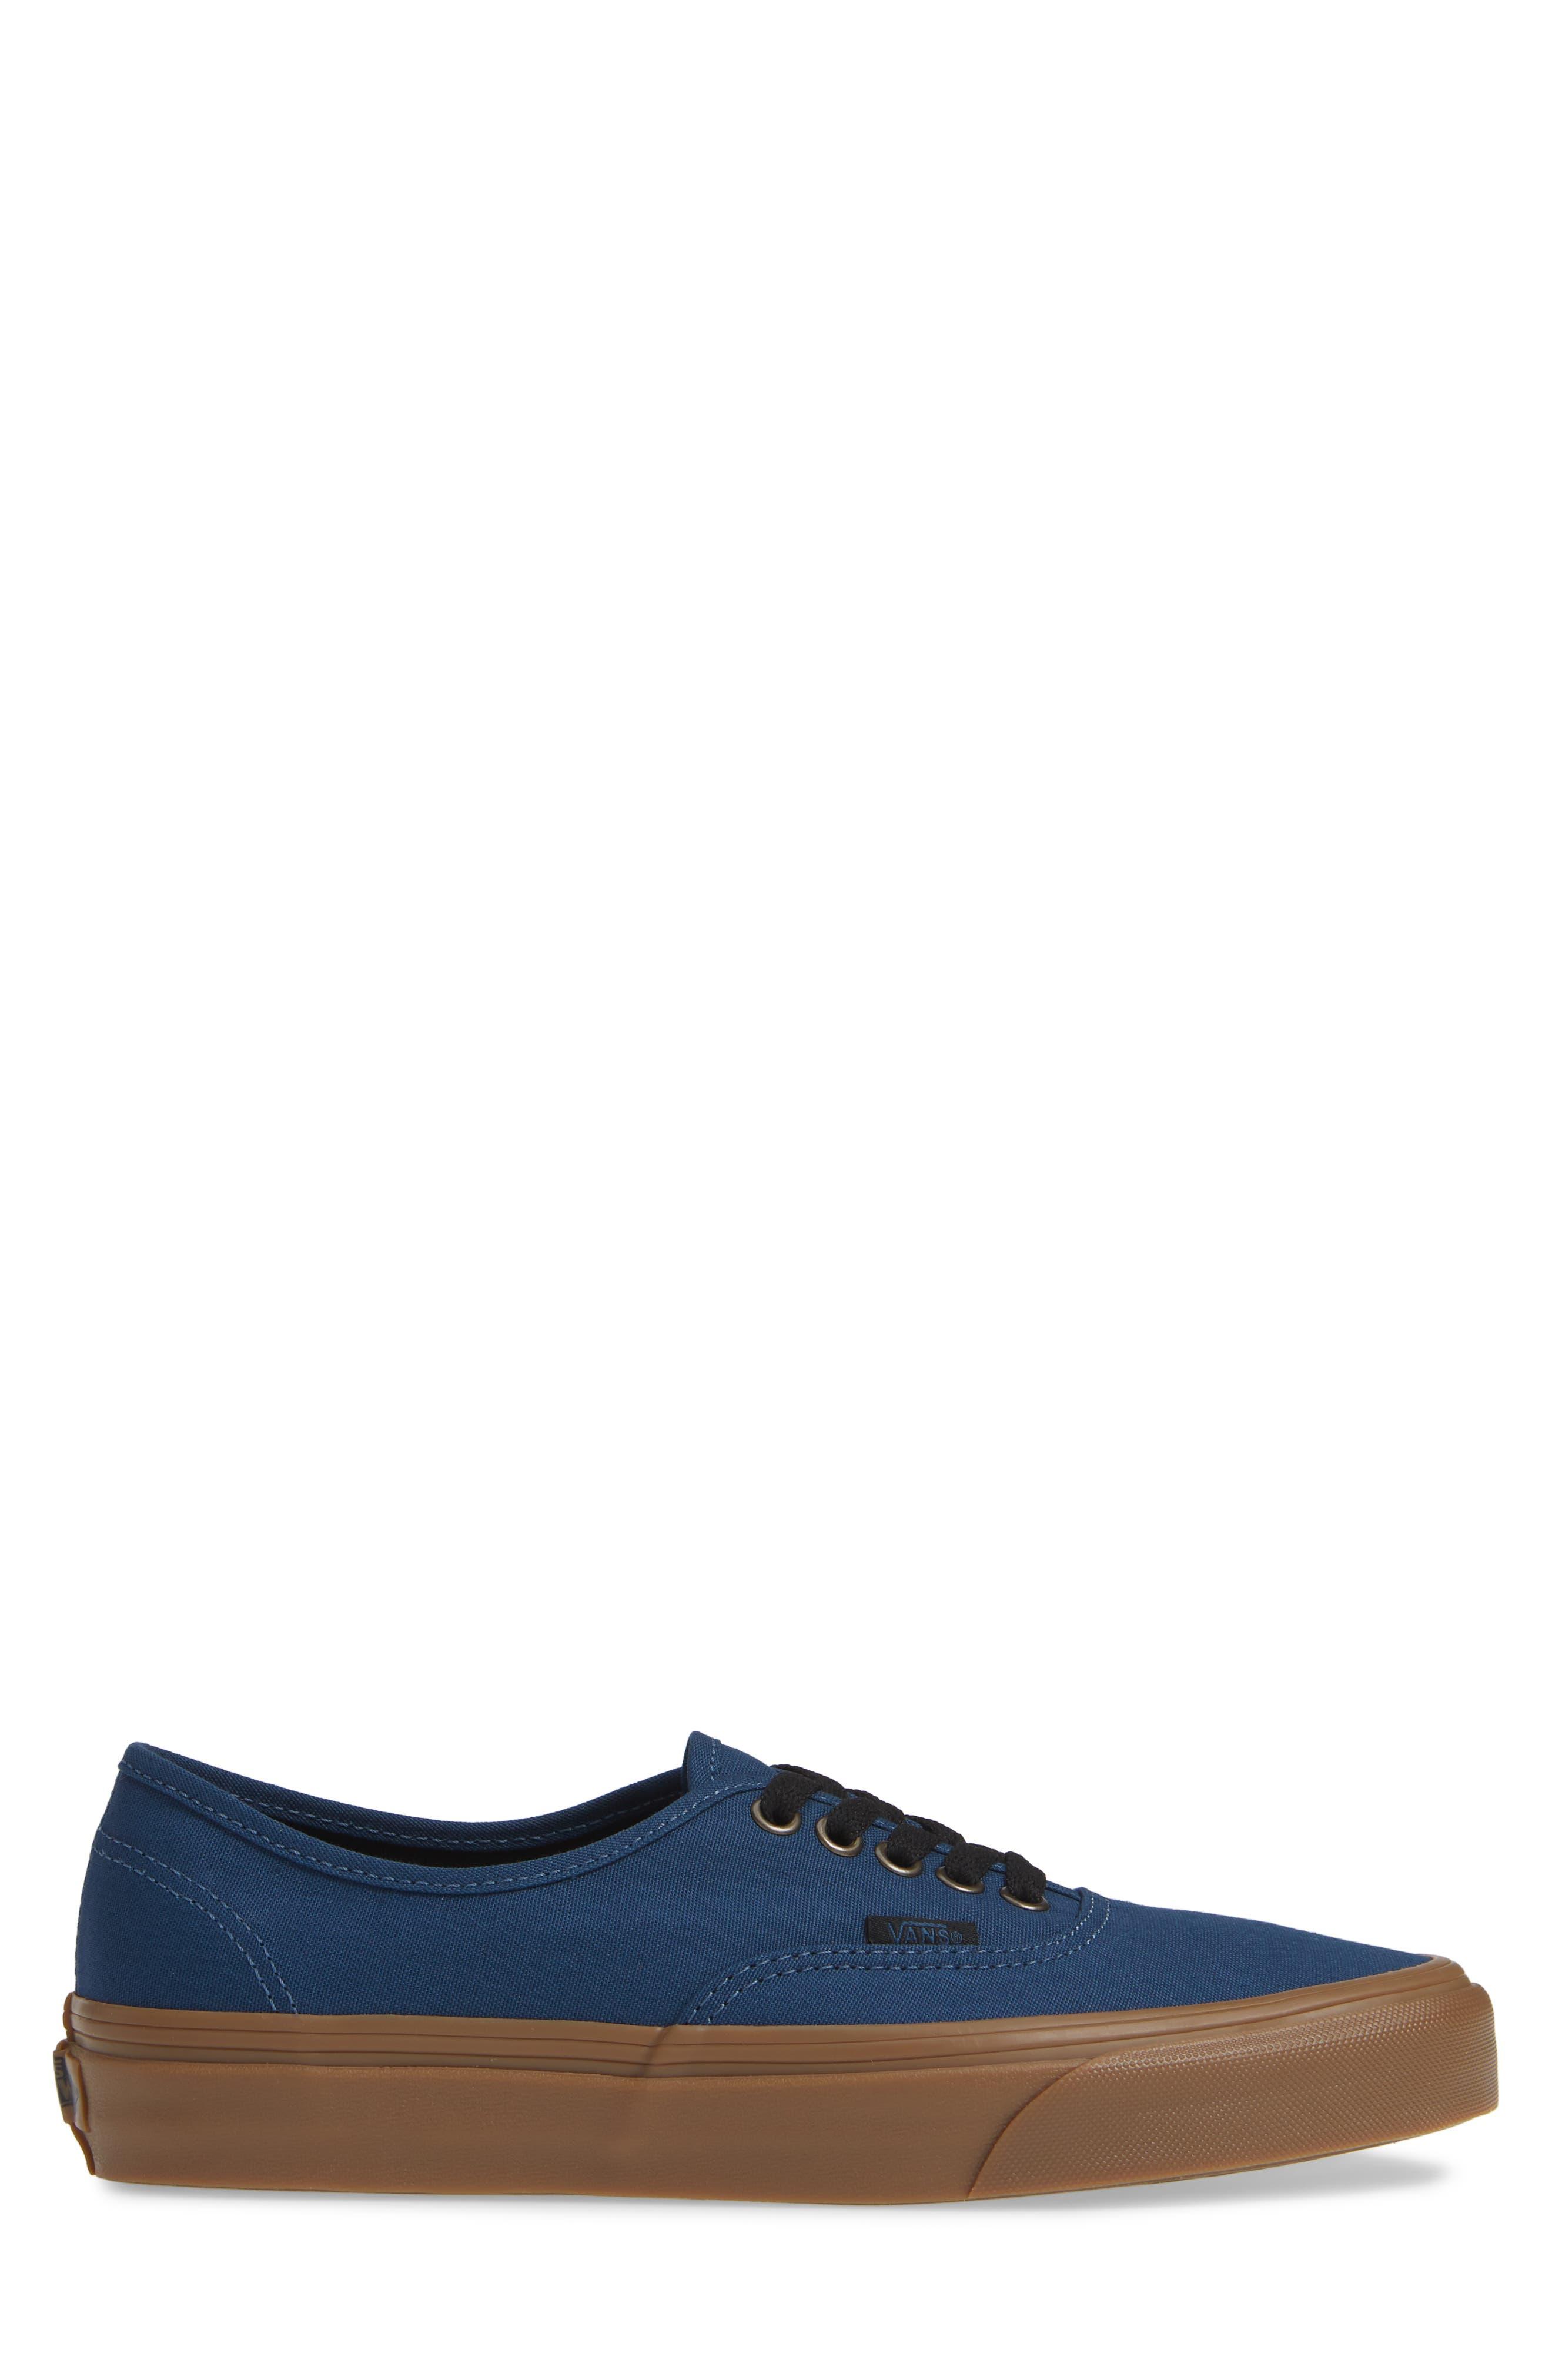 VANS,                             Authentic Gum Outsole Sneaker,                             Alternate thumbnail 3, color,                             401